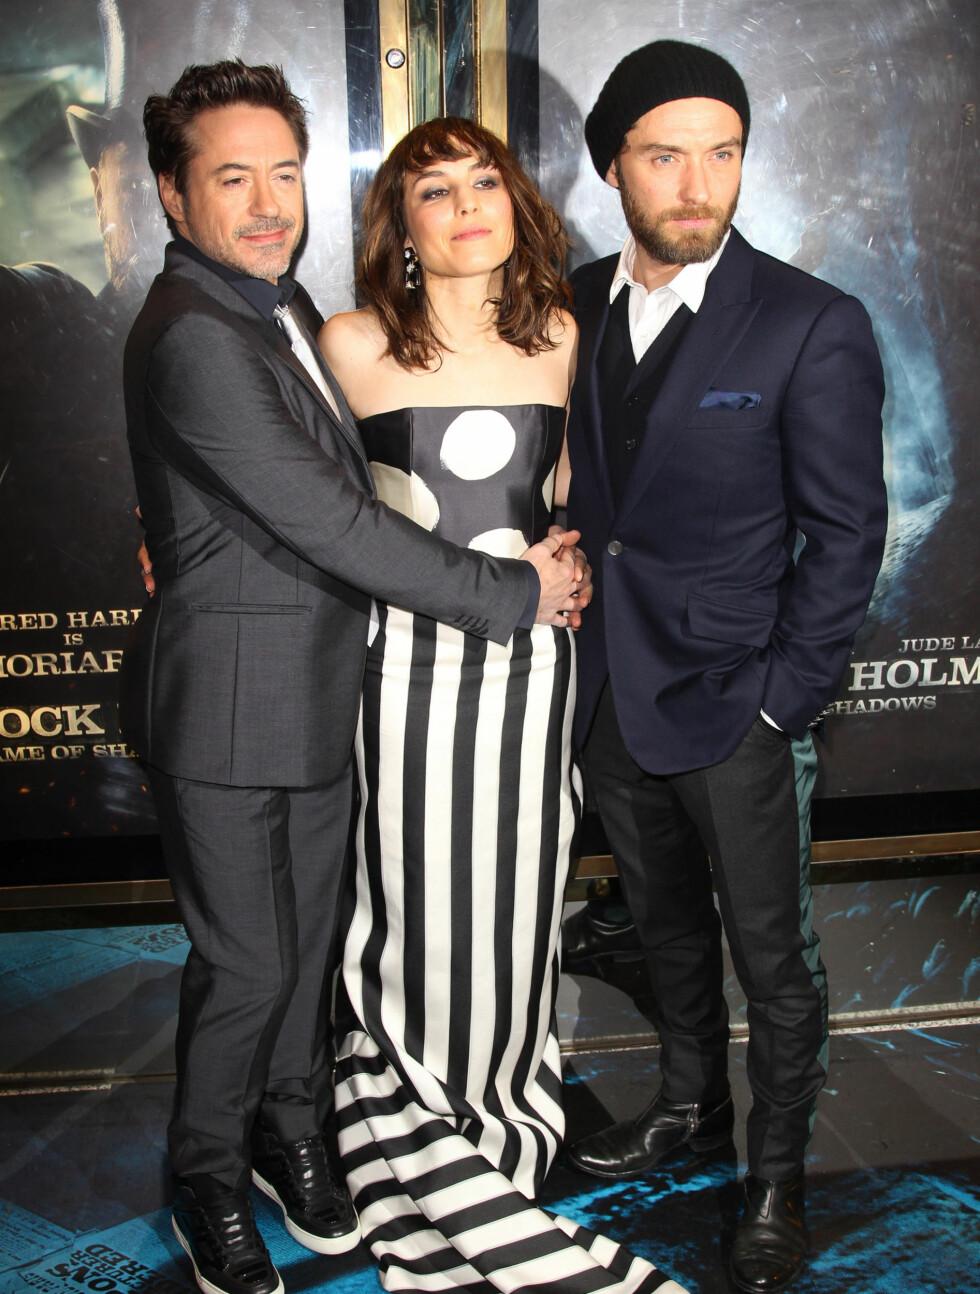 FLOTT TRIO: Robert Downey Jr. og Jude Law har tydeligvis lagt sin elsk på Noomi Rapace etter at de har spilt inn film sammen. Foto: All Over Press